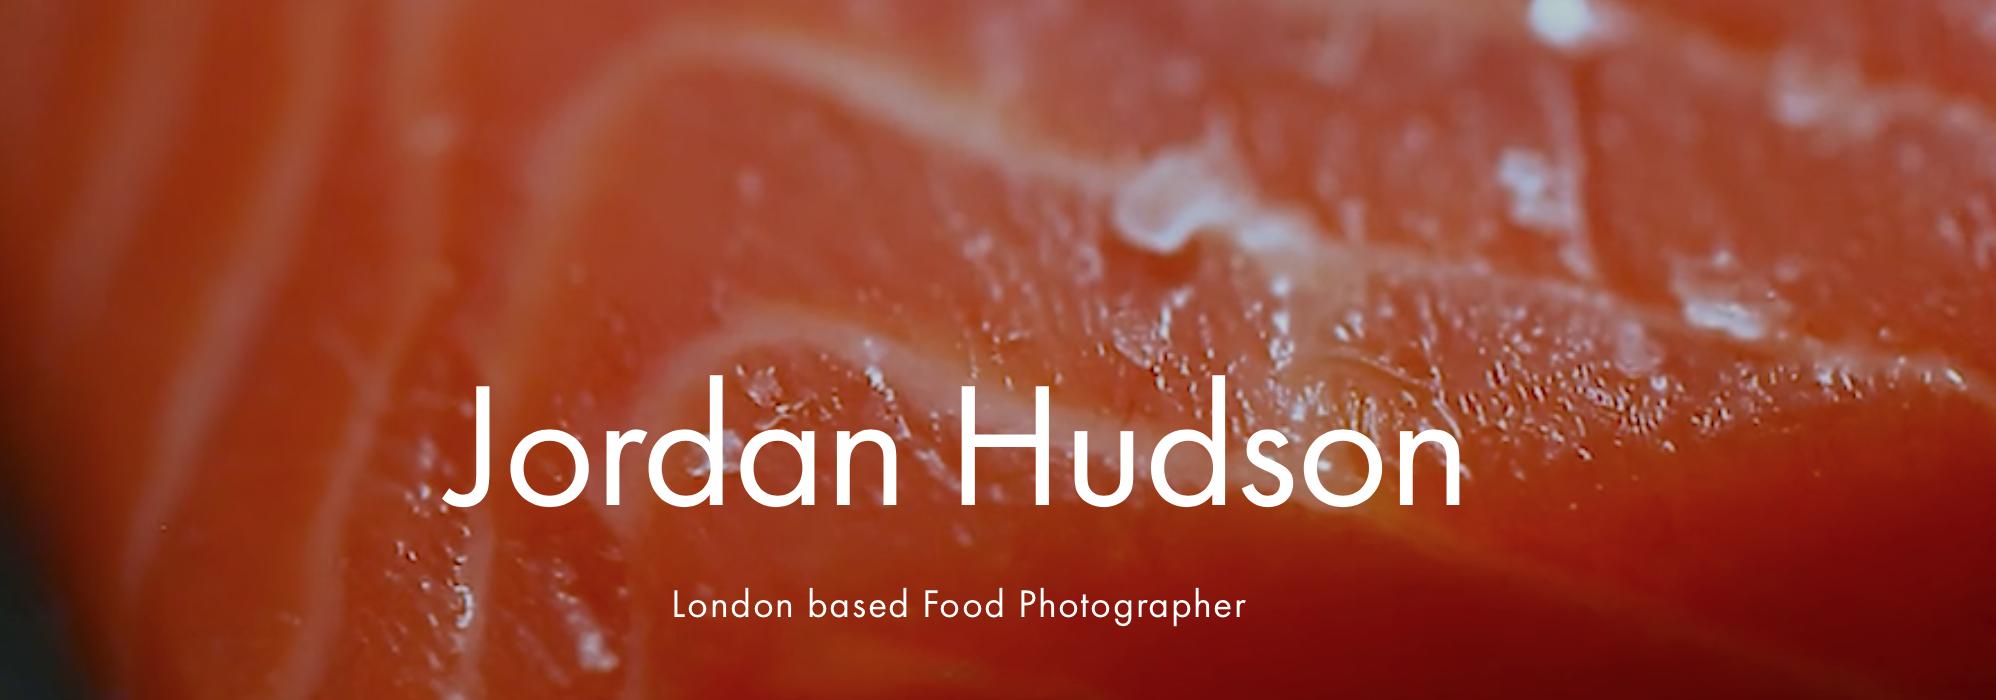 Jordan Hudson image